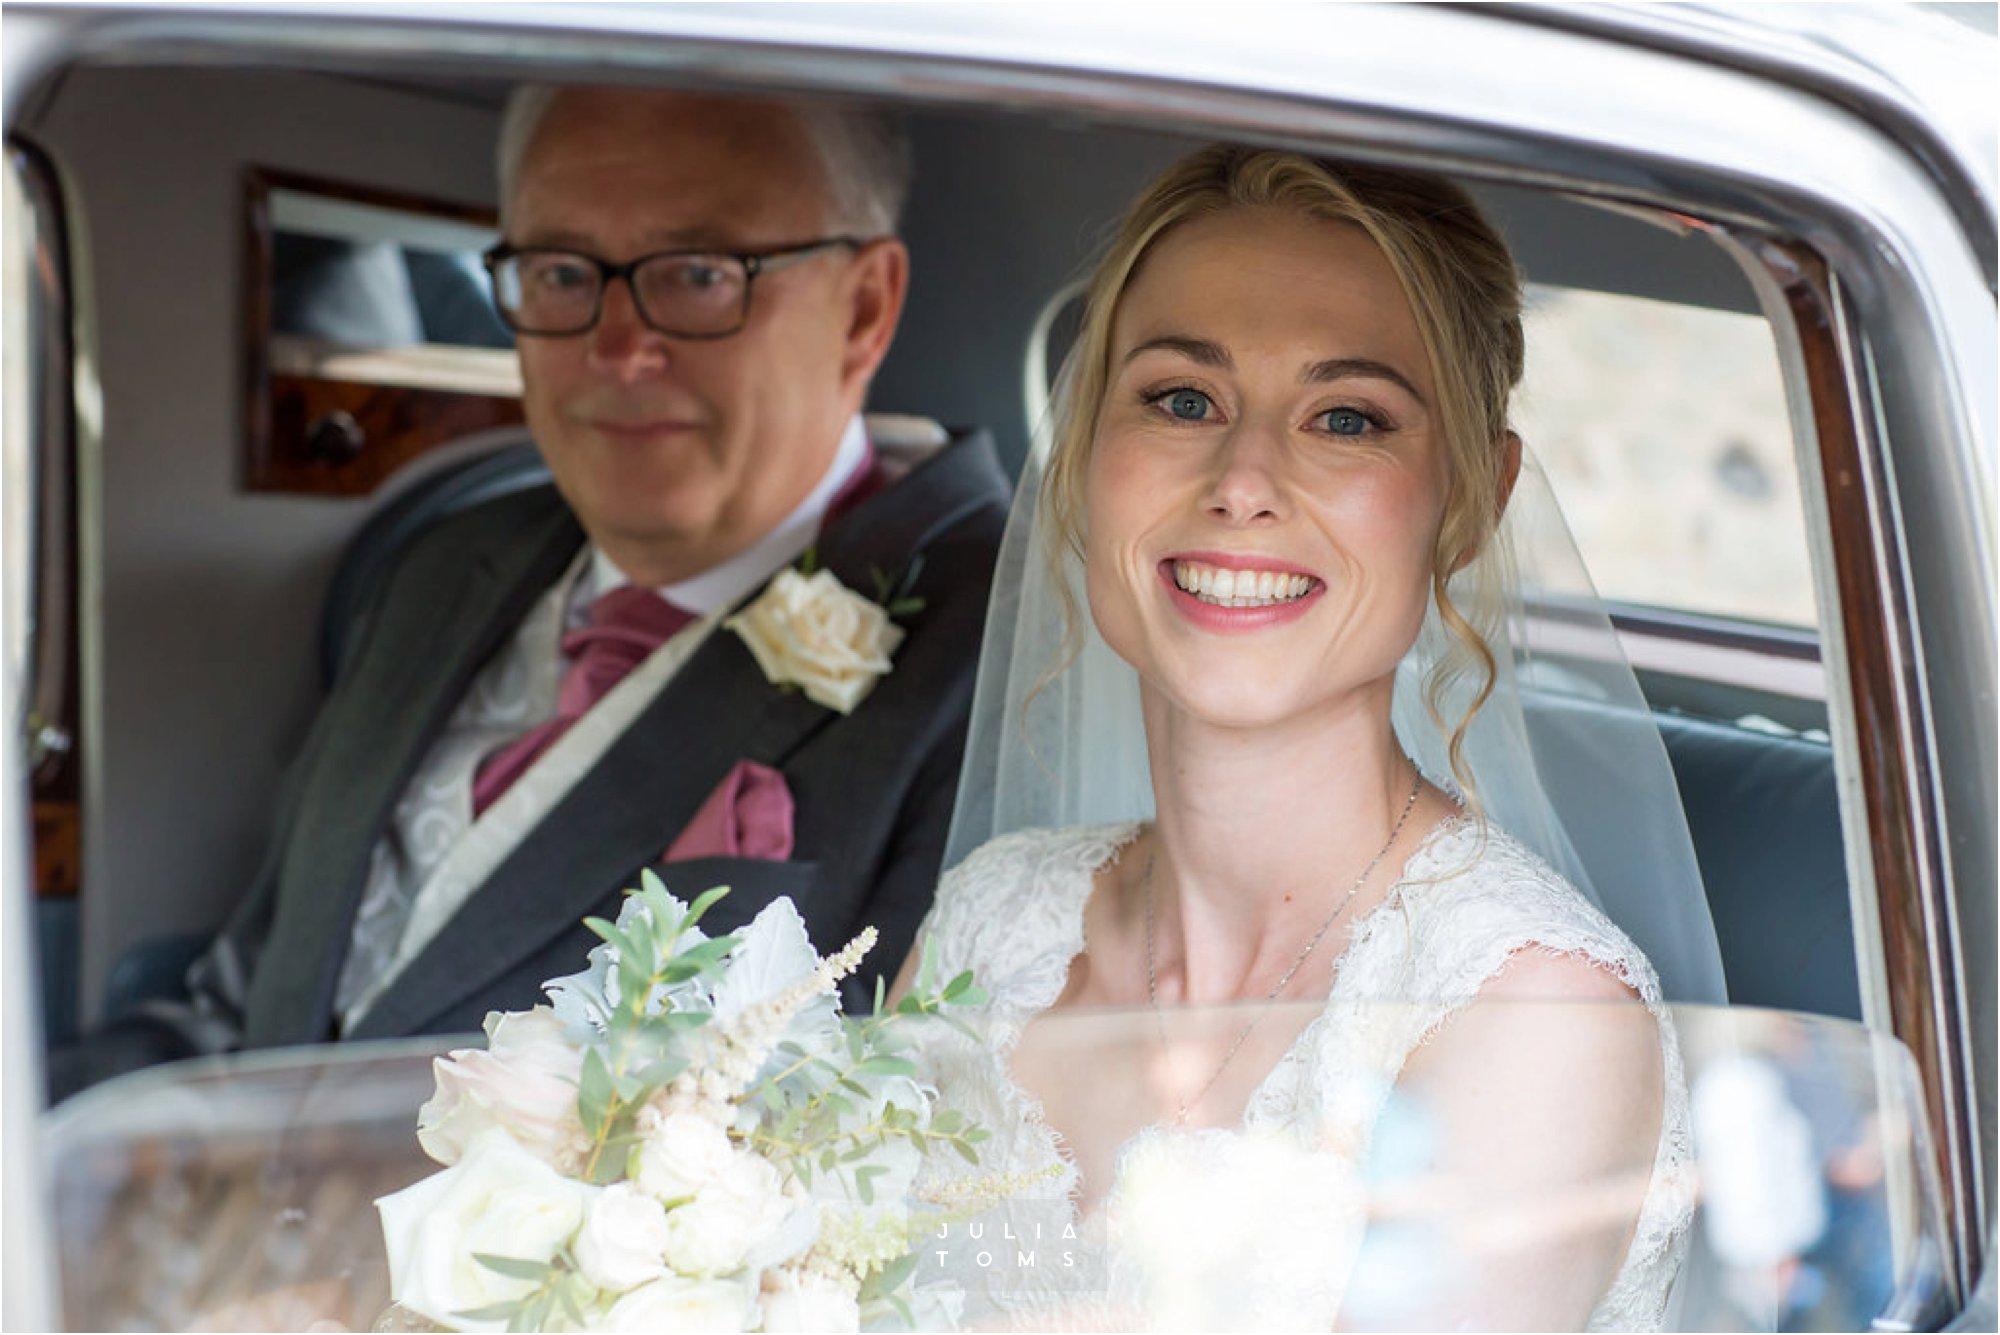 itchenor_wedding_chichester_photographer_024.jpg